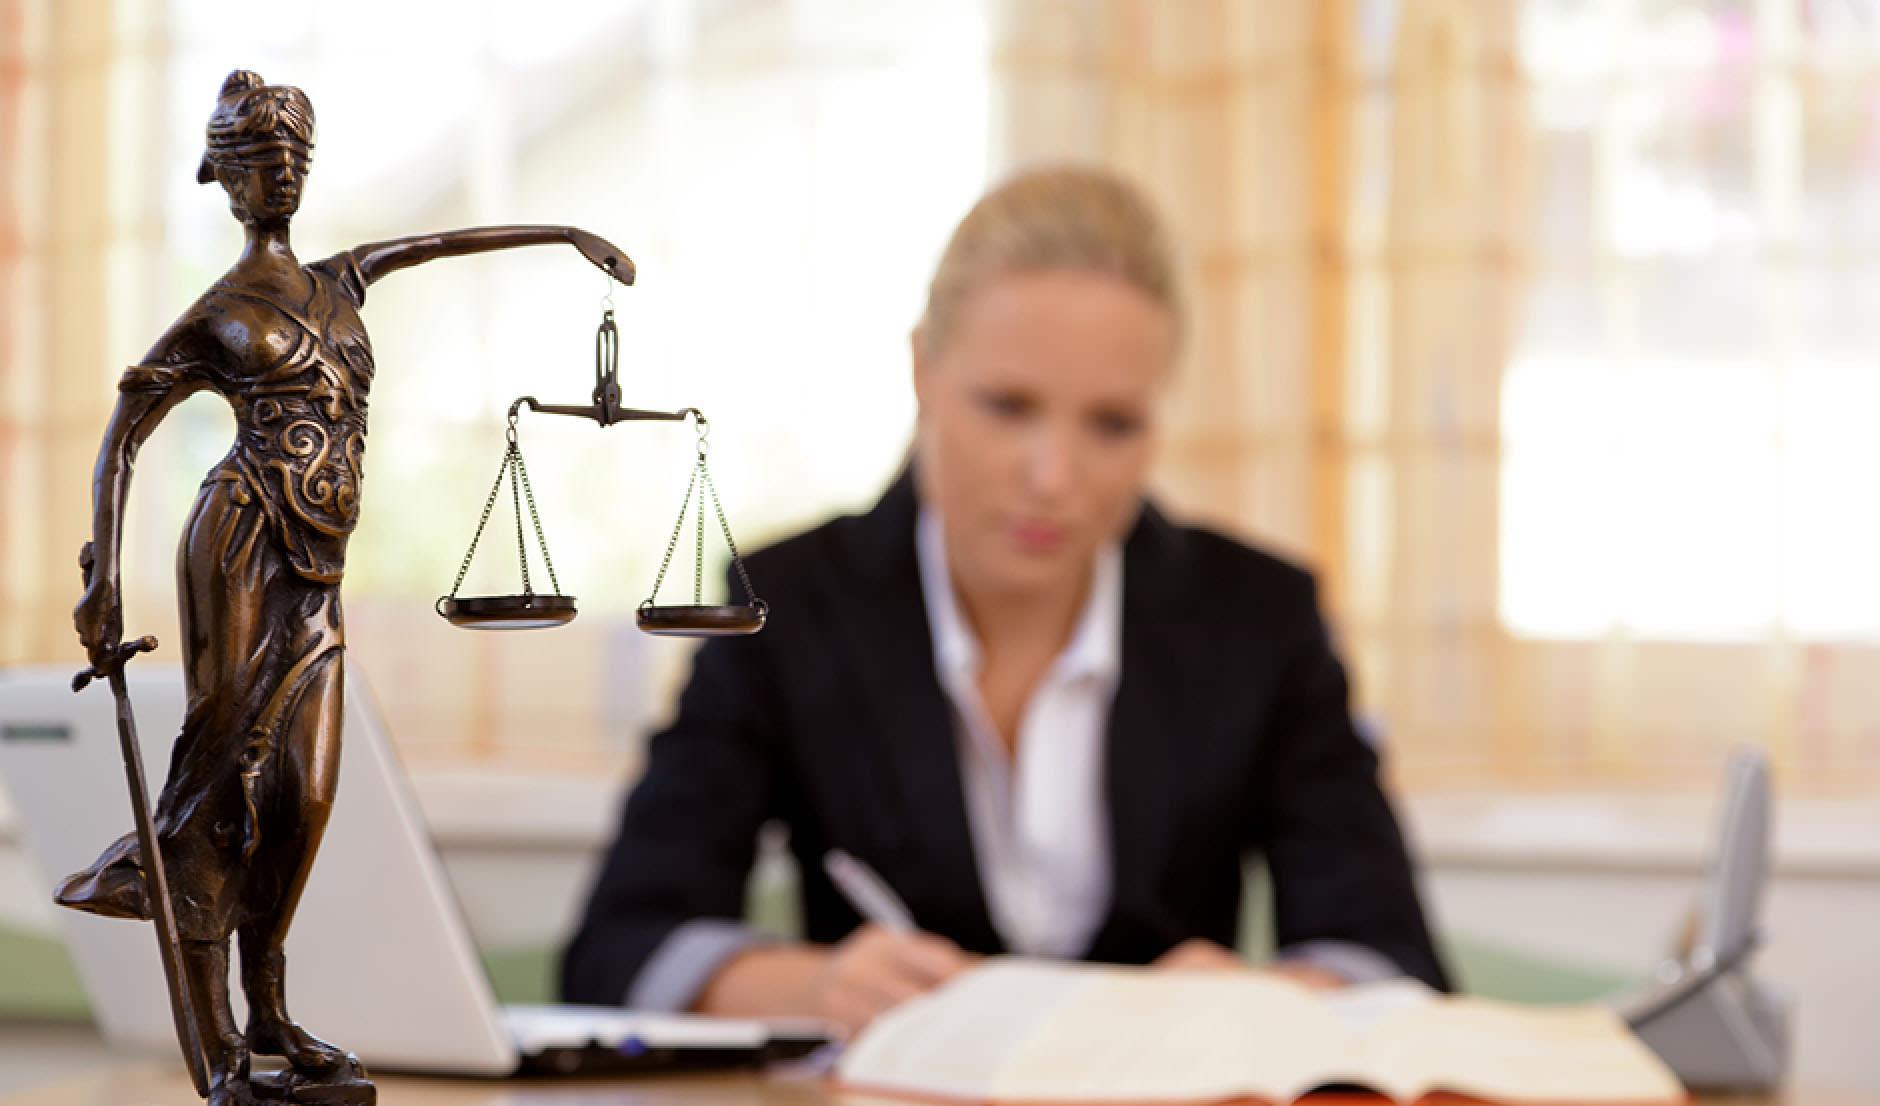 Юридический аудит предприятия на соблюдение норм законодательства в сфере недропользования